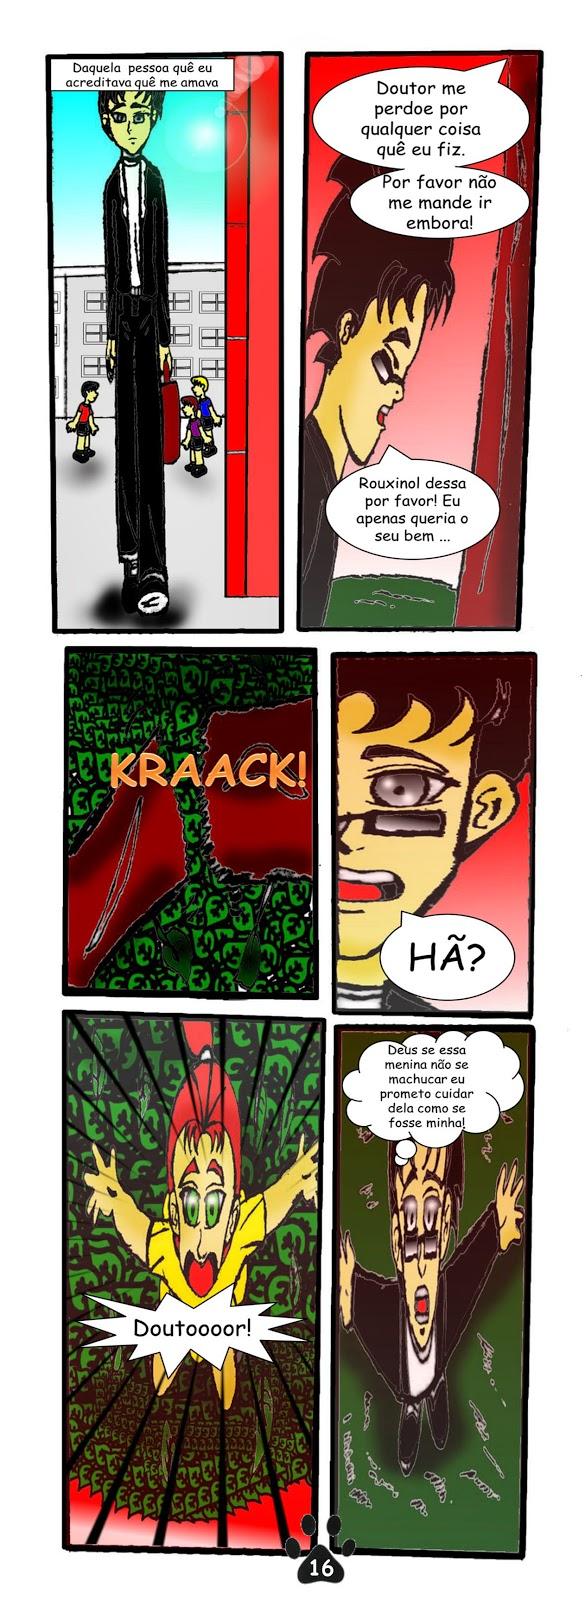 doutor kanaid